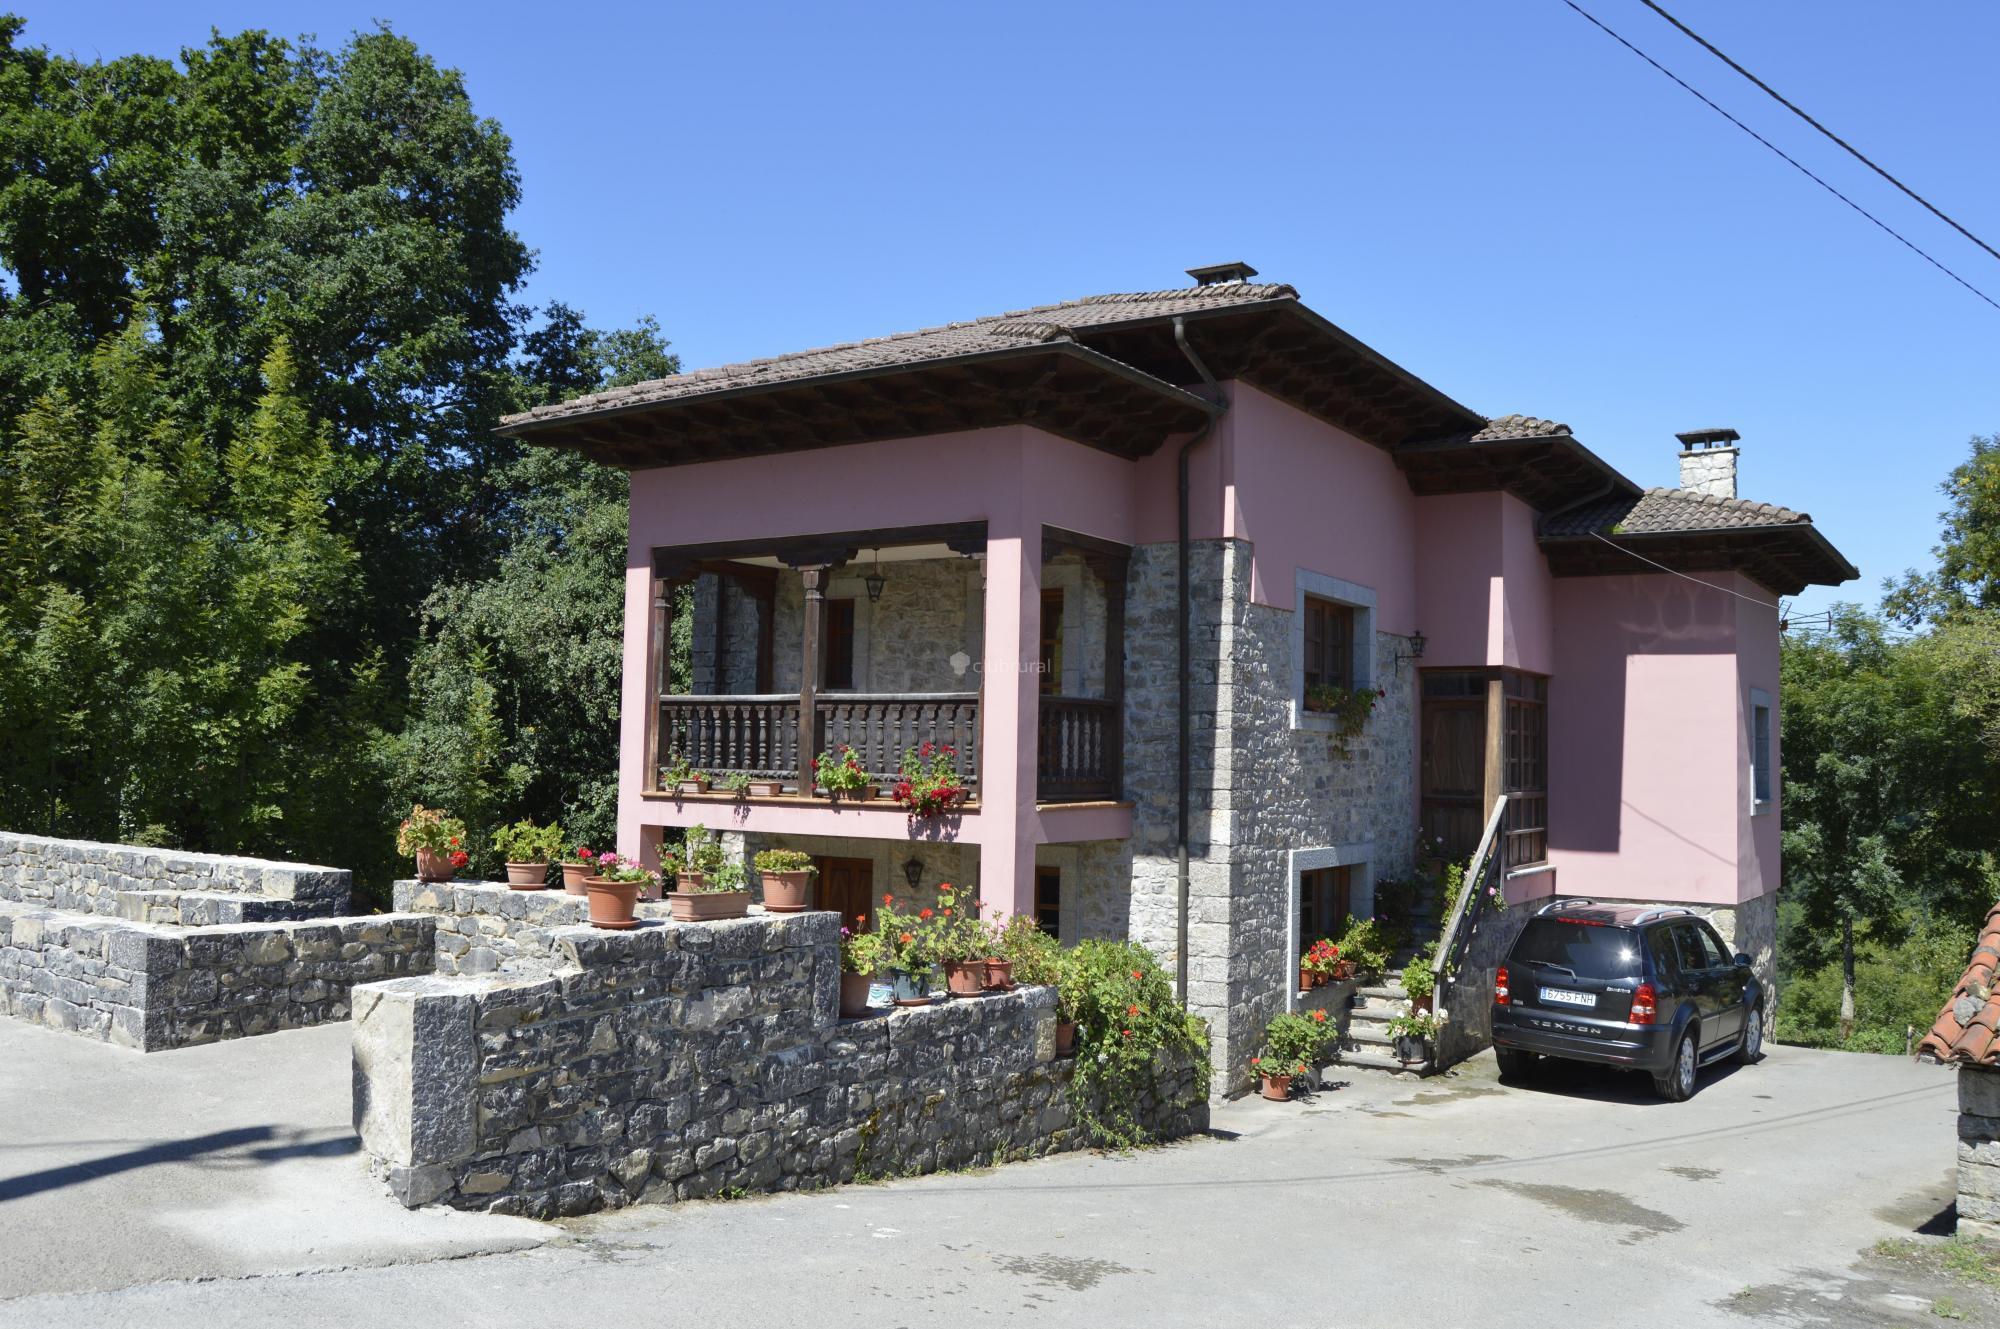 Fotos de el bera izu asturias cangas de onis clubrural - Cangas de onis casa rural con jacuzzi ...